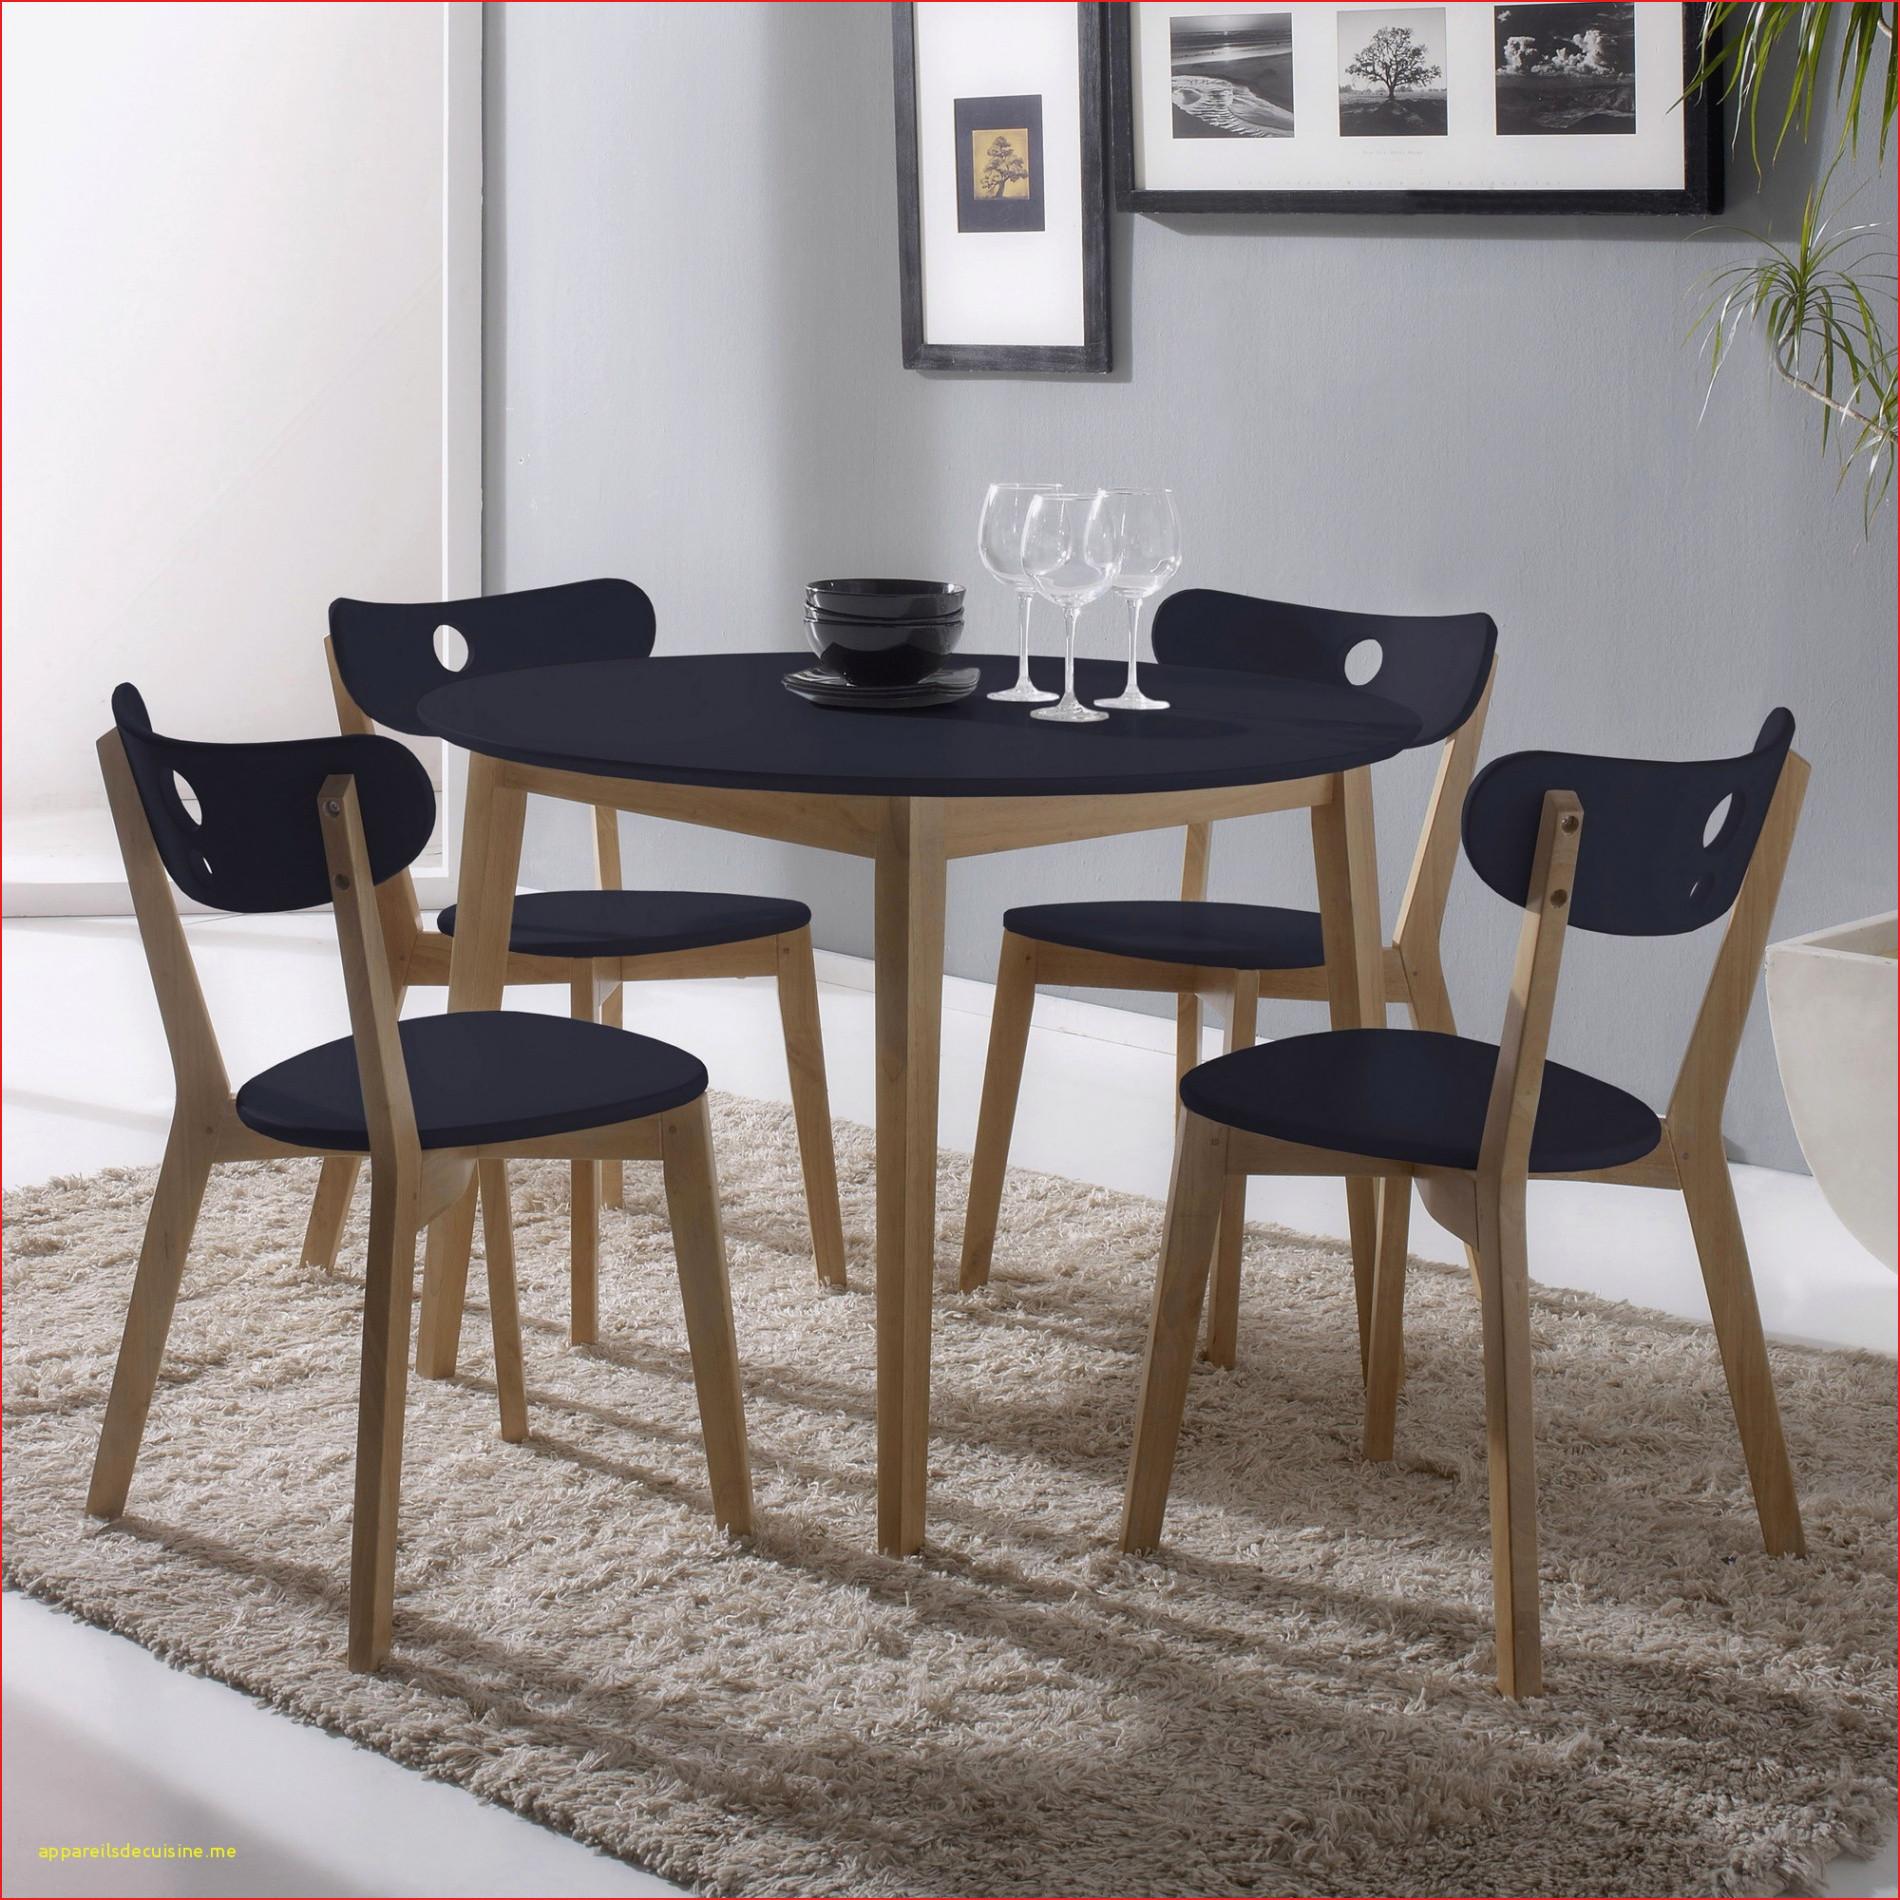 Table Et Chaise En Bois Élégant Fa§ons De Fauteuil Bois Image De Fauteuil Décoratif